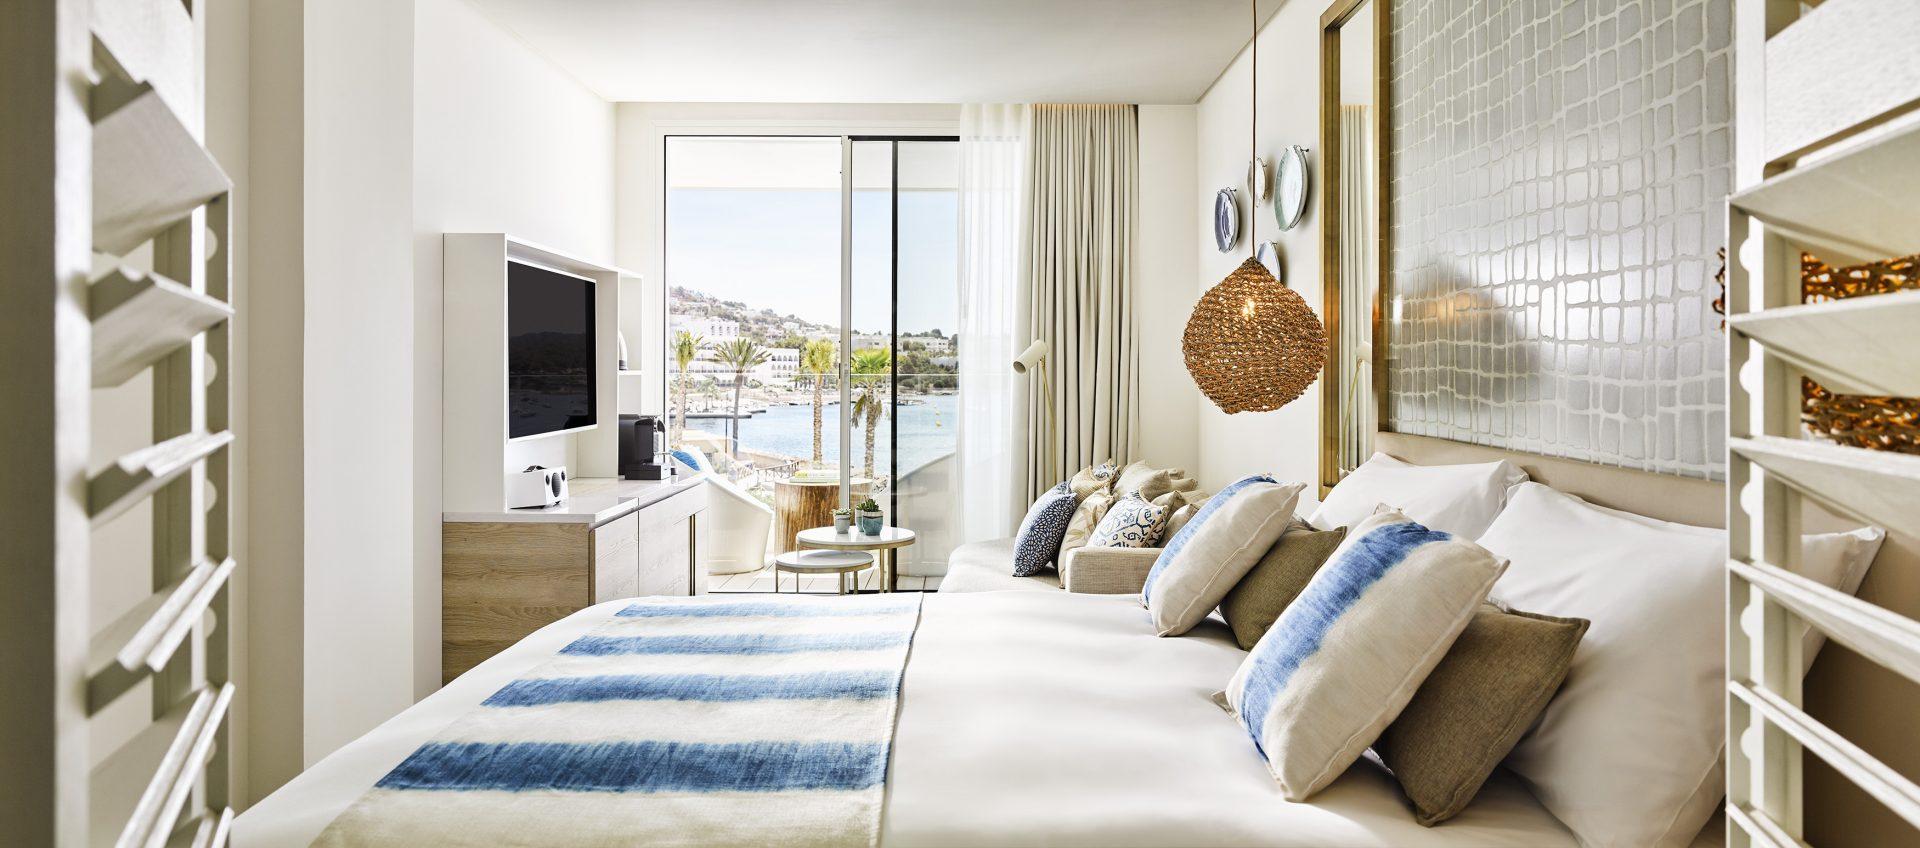 Deluxe Sea View Room Bedroom